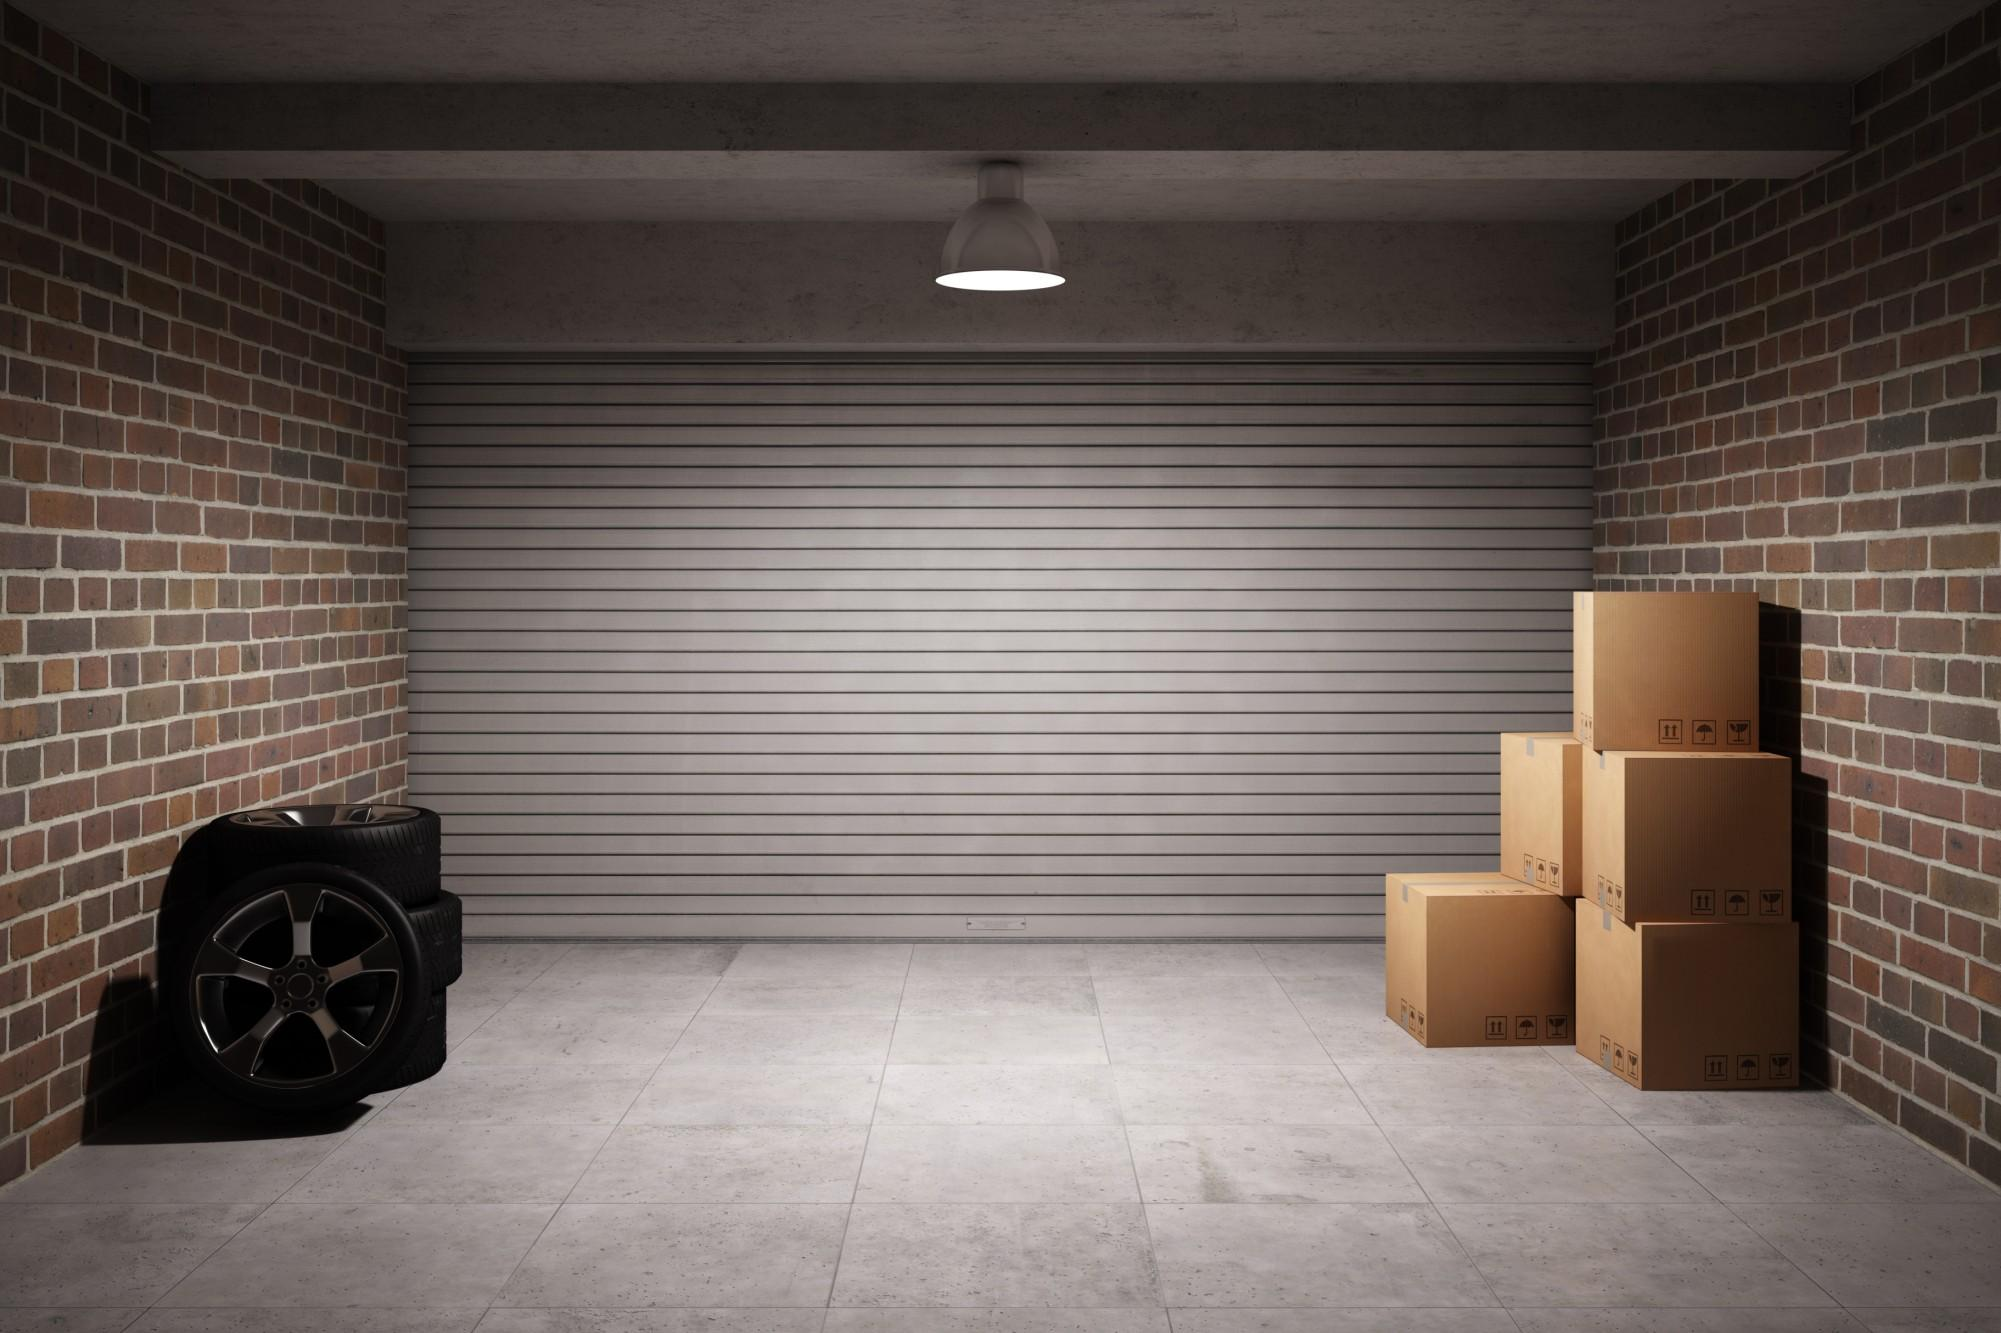 come-pavimentare-il-box-auto_bd95b37ba1027a181da945708812101d